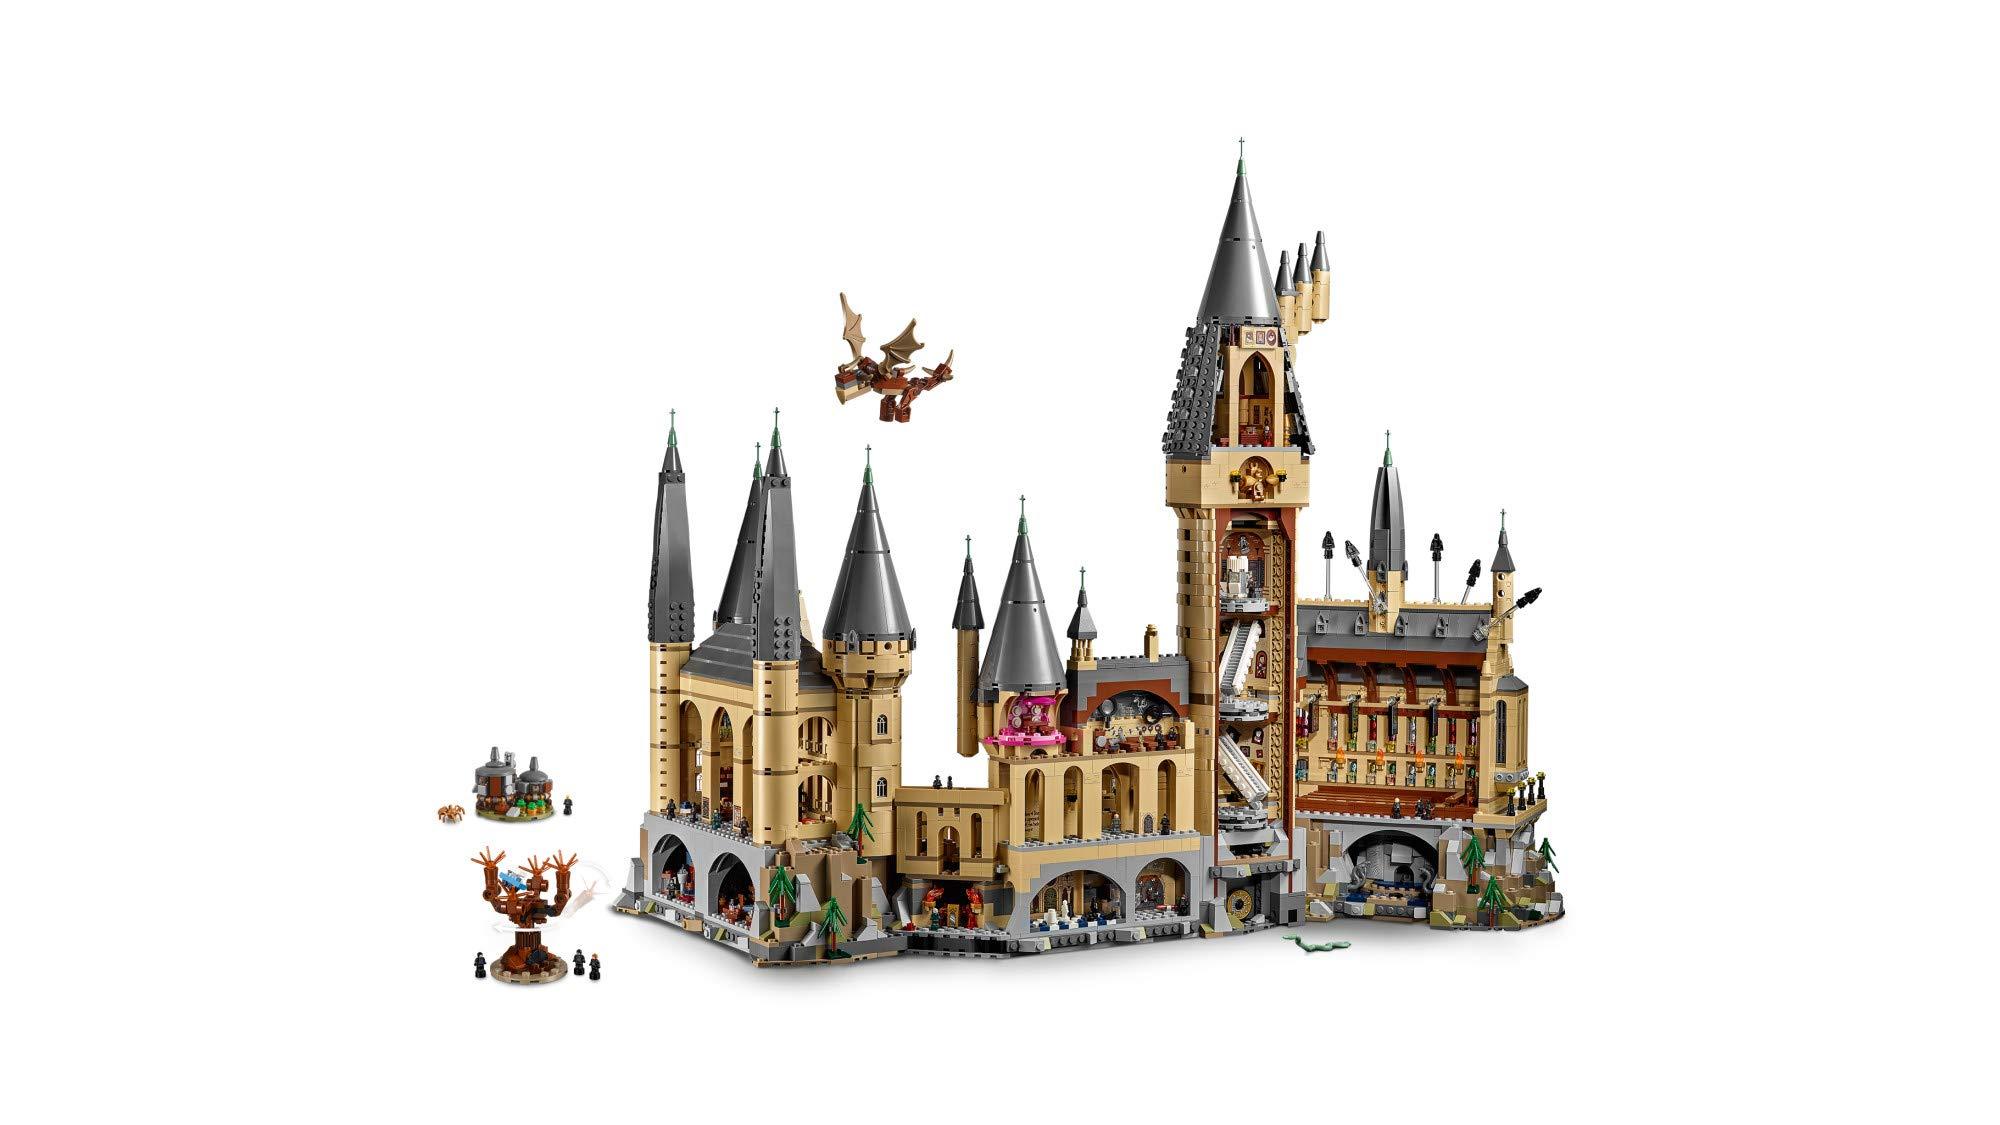 lego harry potter hogwarts castle 71043 building kit 6020 piece 2019. Black Bedroom Furniture Sets. Home Design Ideas